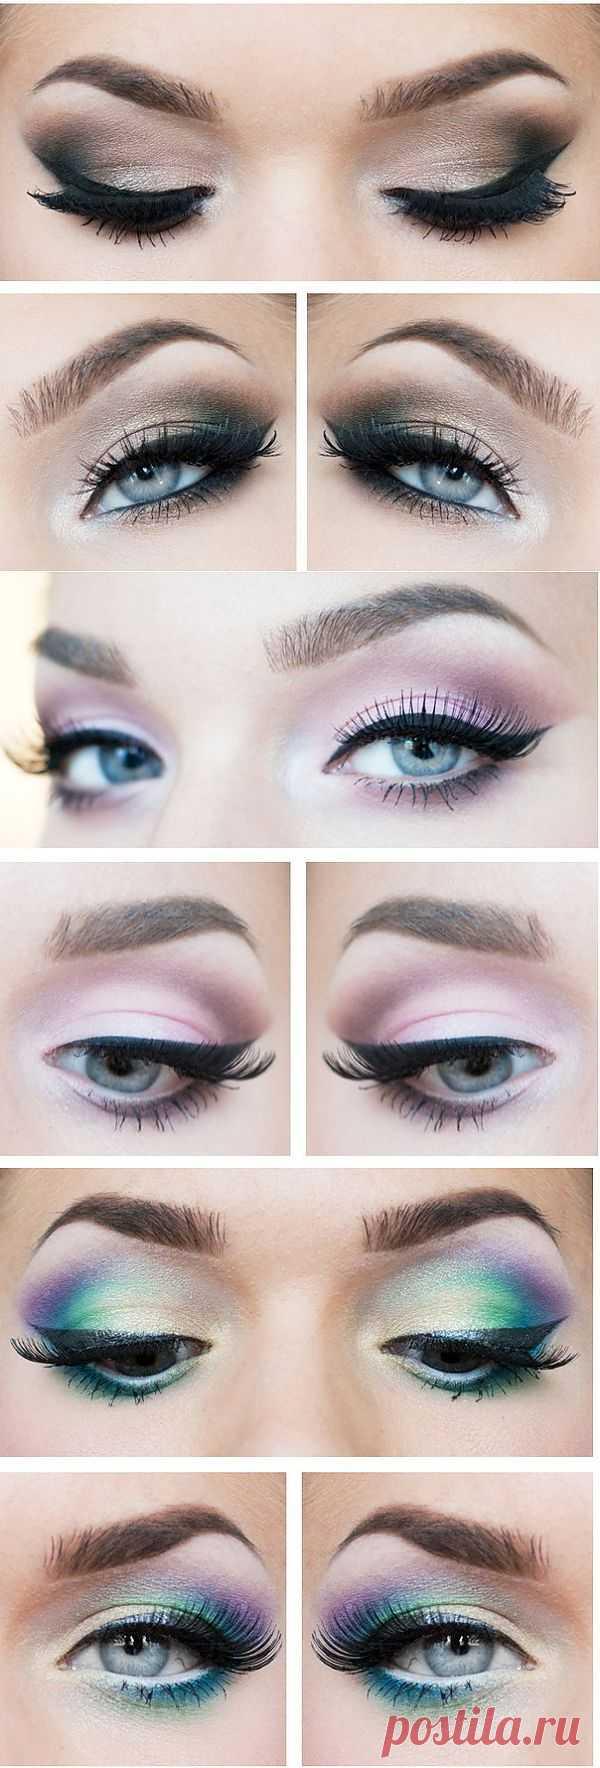 Уроки макияжа!